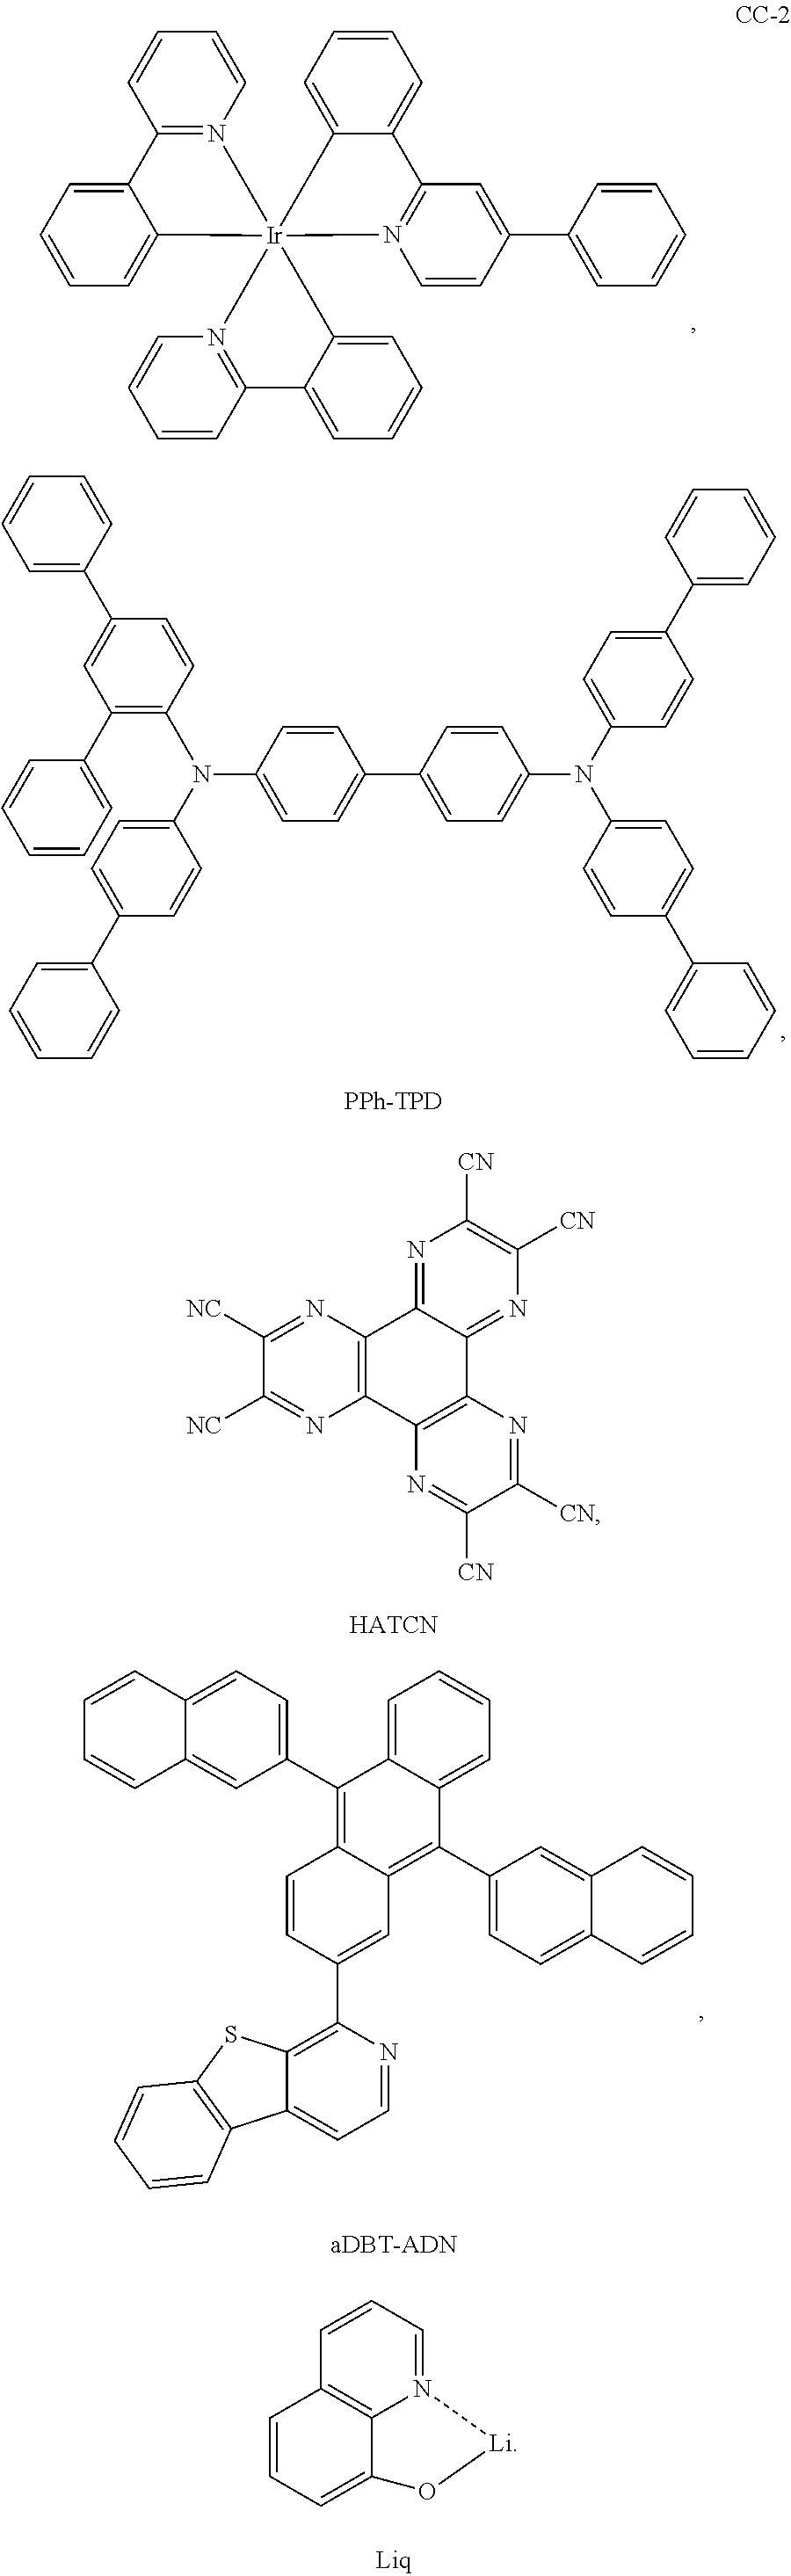 Figure US20180130962A1-20180510-C00212